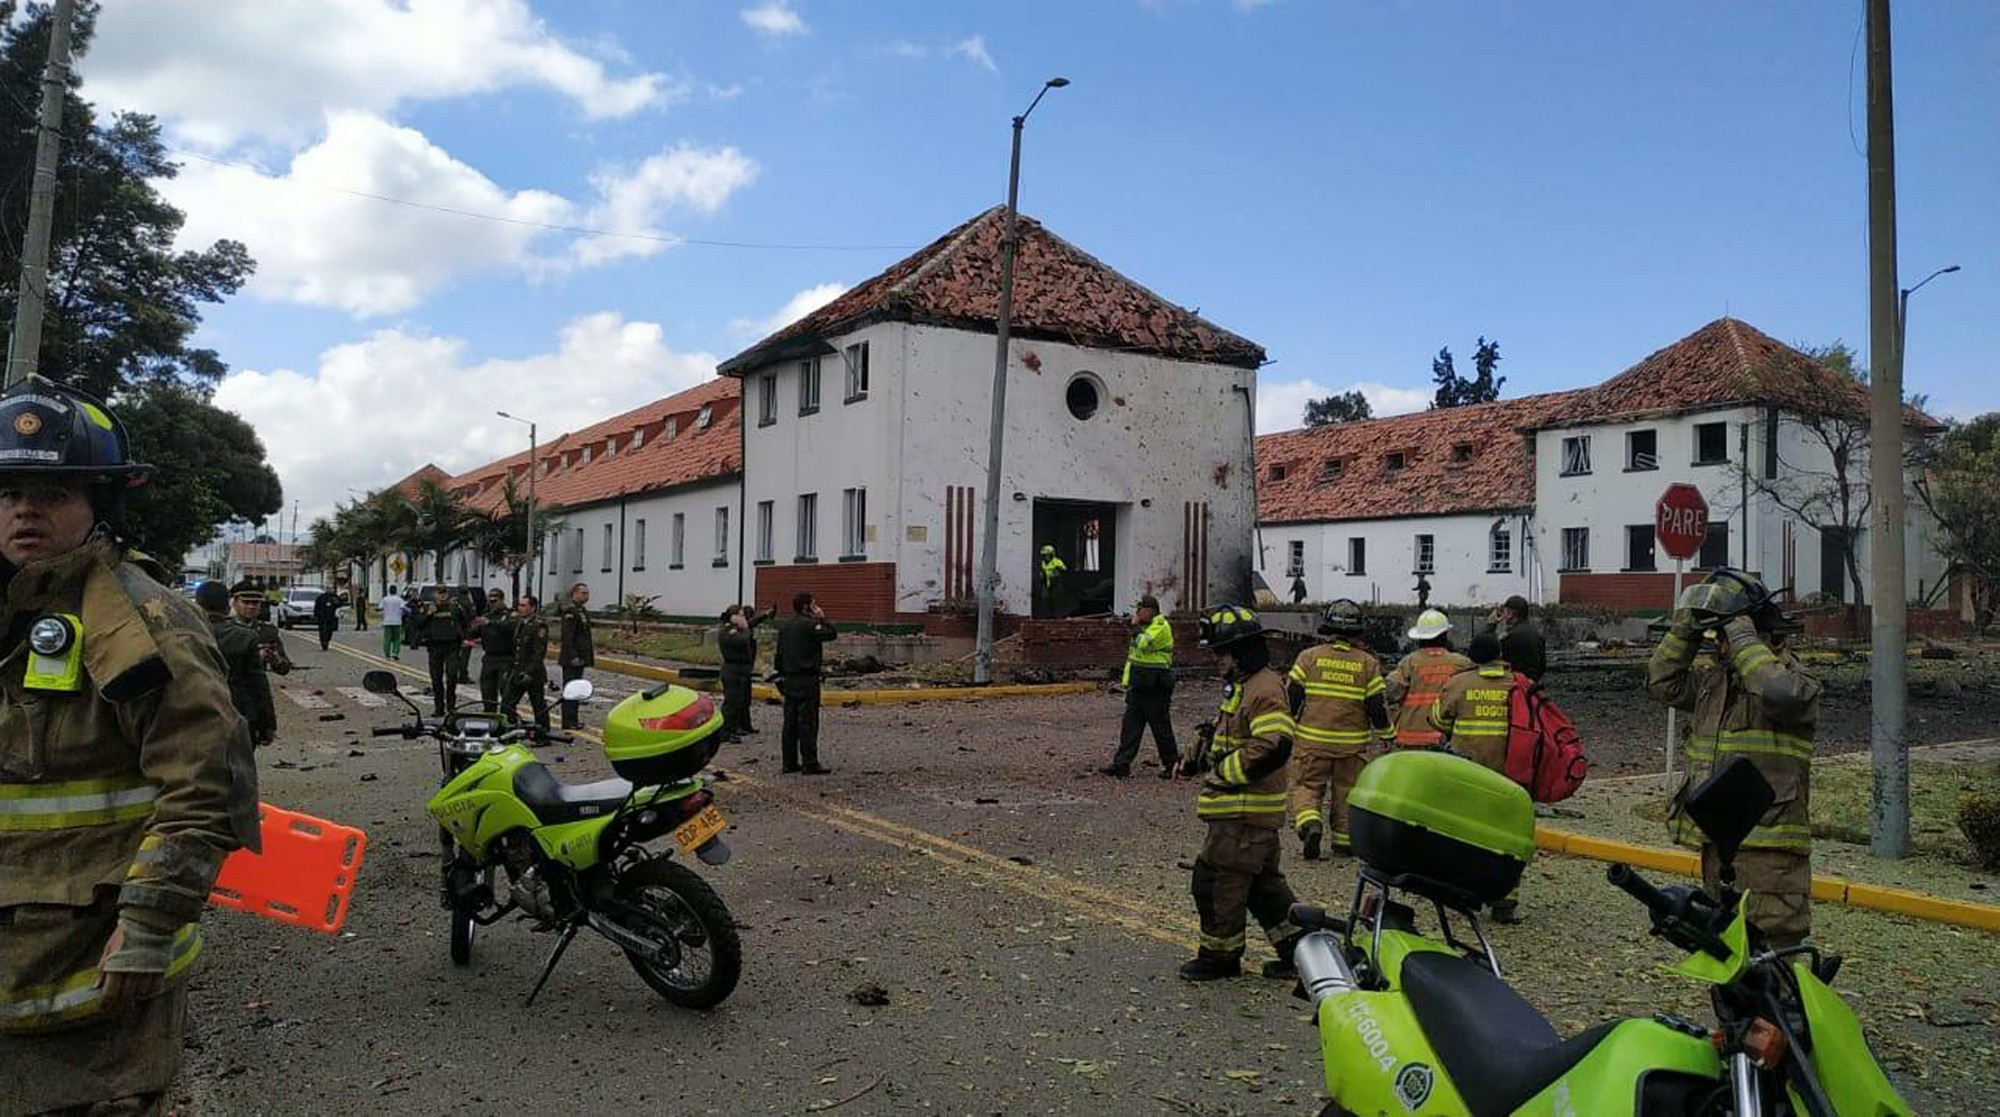 Guerrilha ELN reivindica autoria de atentado contra escola da polícia na Colômbia